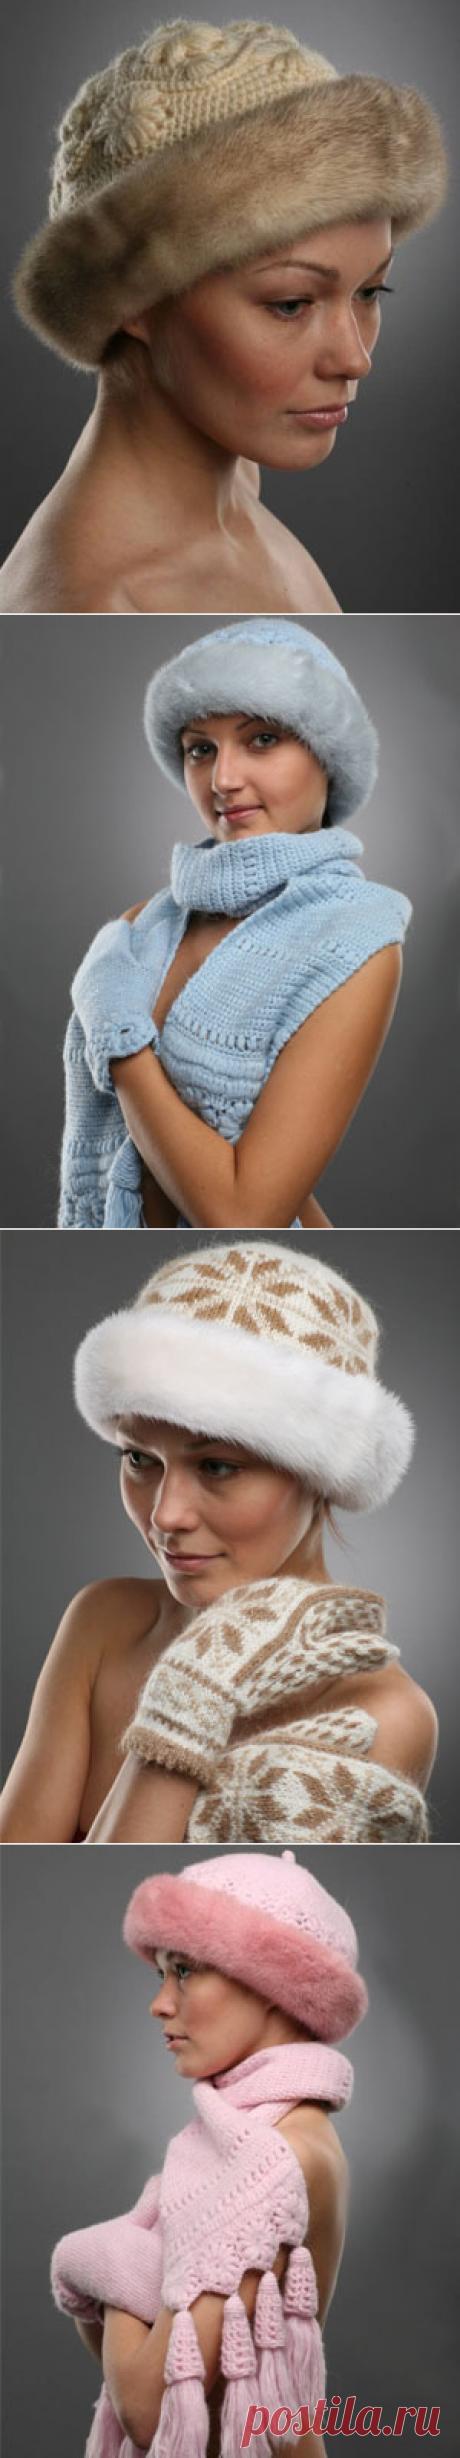 Шапочки с мехом Пошаговые фото вязания шапки с мехом